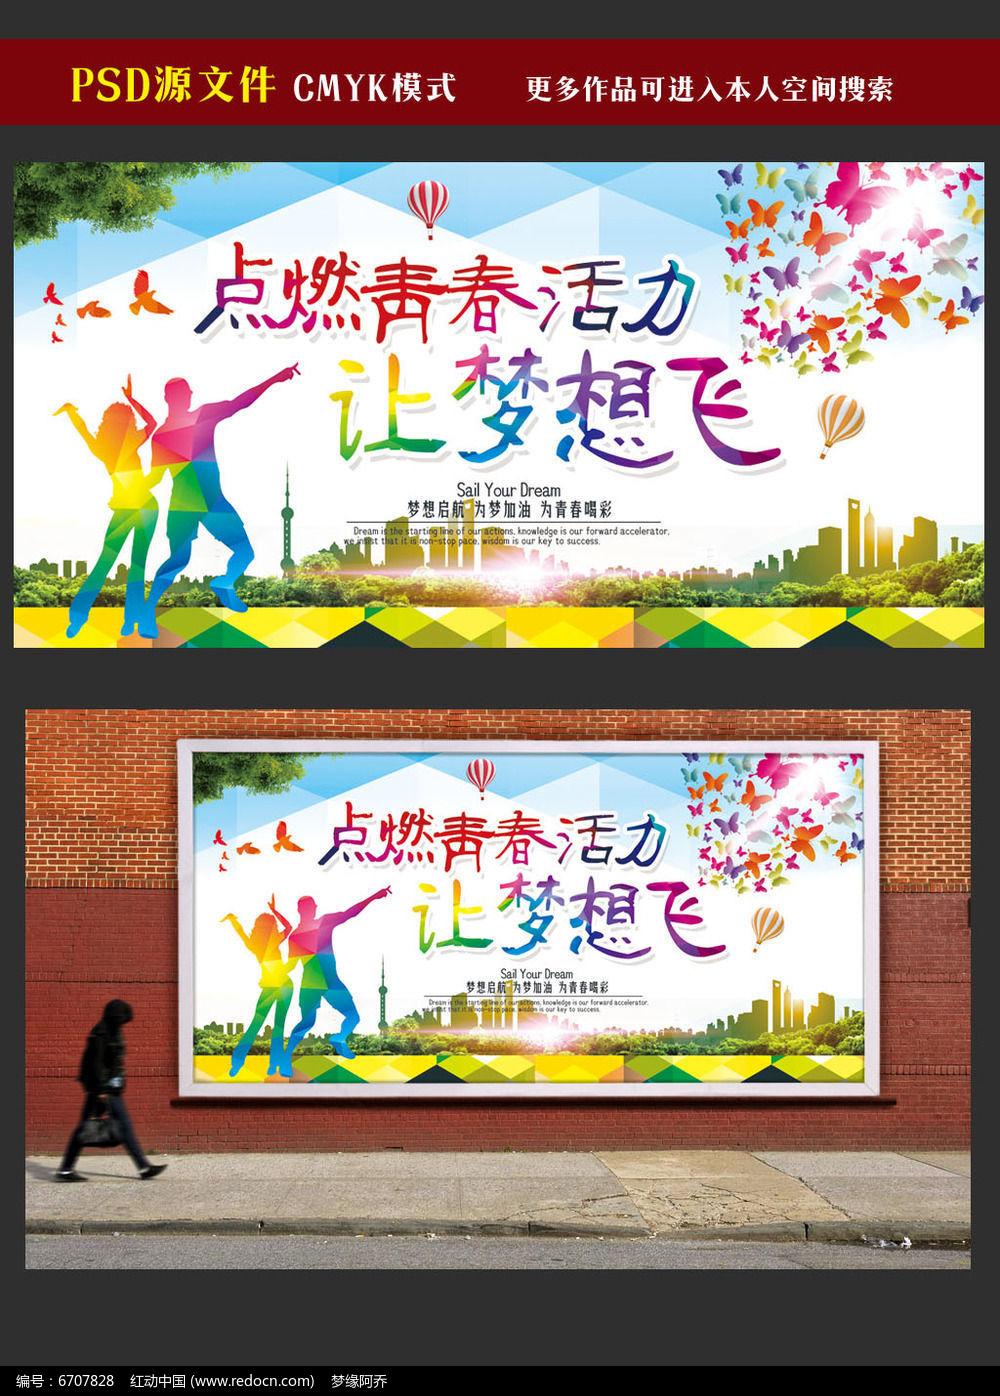 红动网提供海报设计精品原创素材下载,您当前访问作品主题是青春活力图片